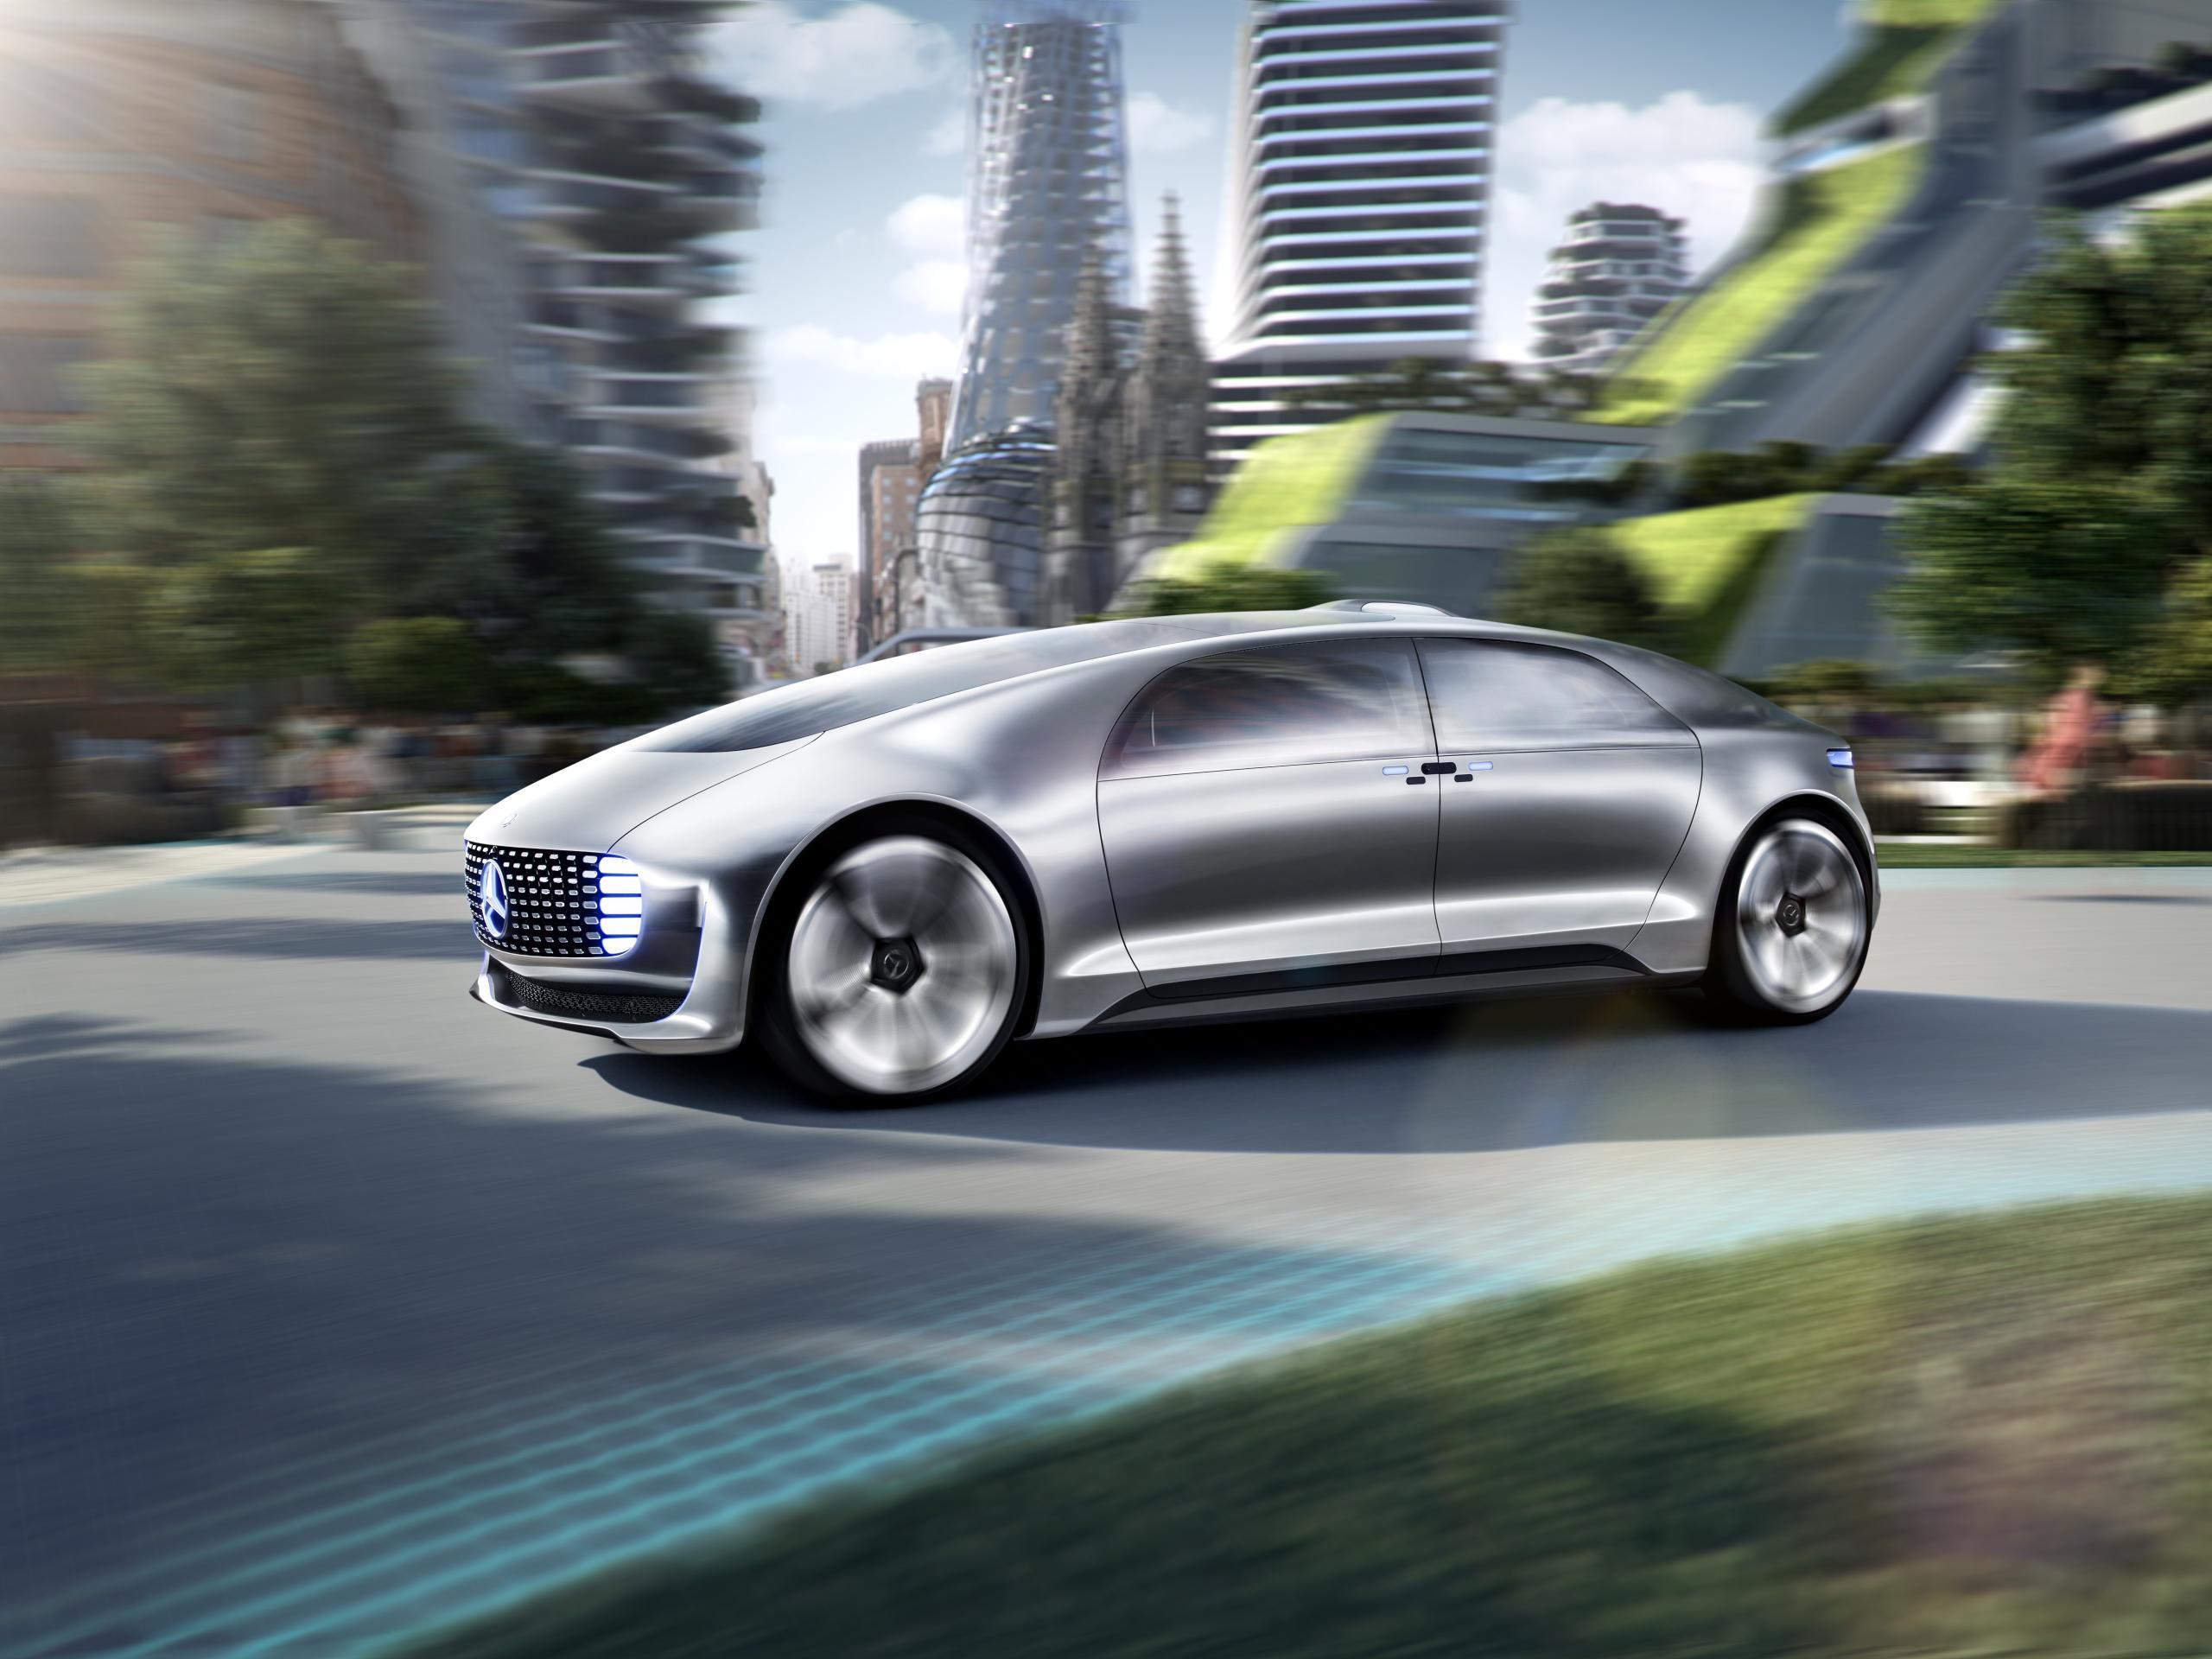 Mercedes-Benz-F-015-Luxury-in-Motion-07.jpg